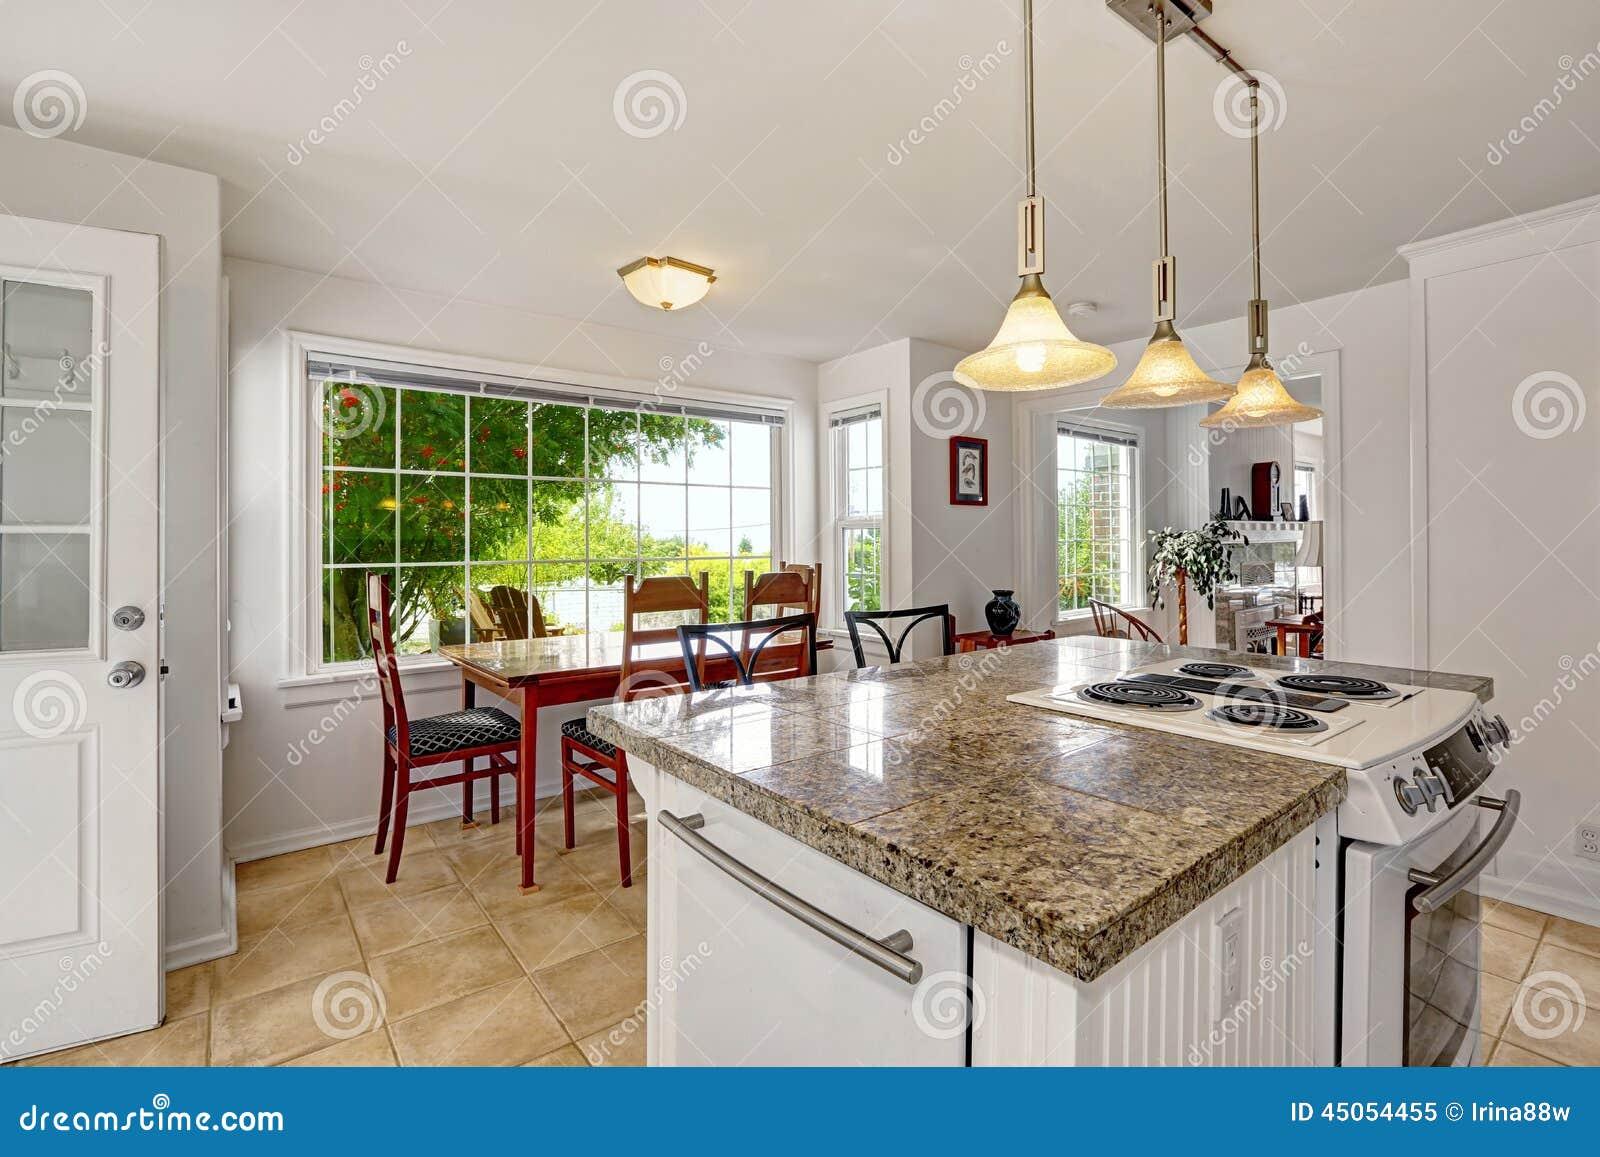 Interior moderno blanco brillante de la cocina con la isla y el comedor imagen de archivo - Cocinas con isla y comedor ...